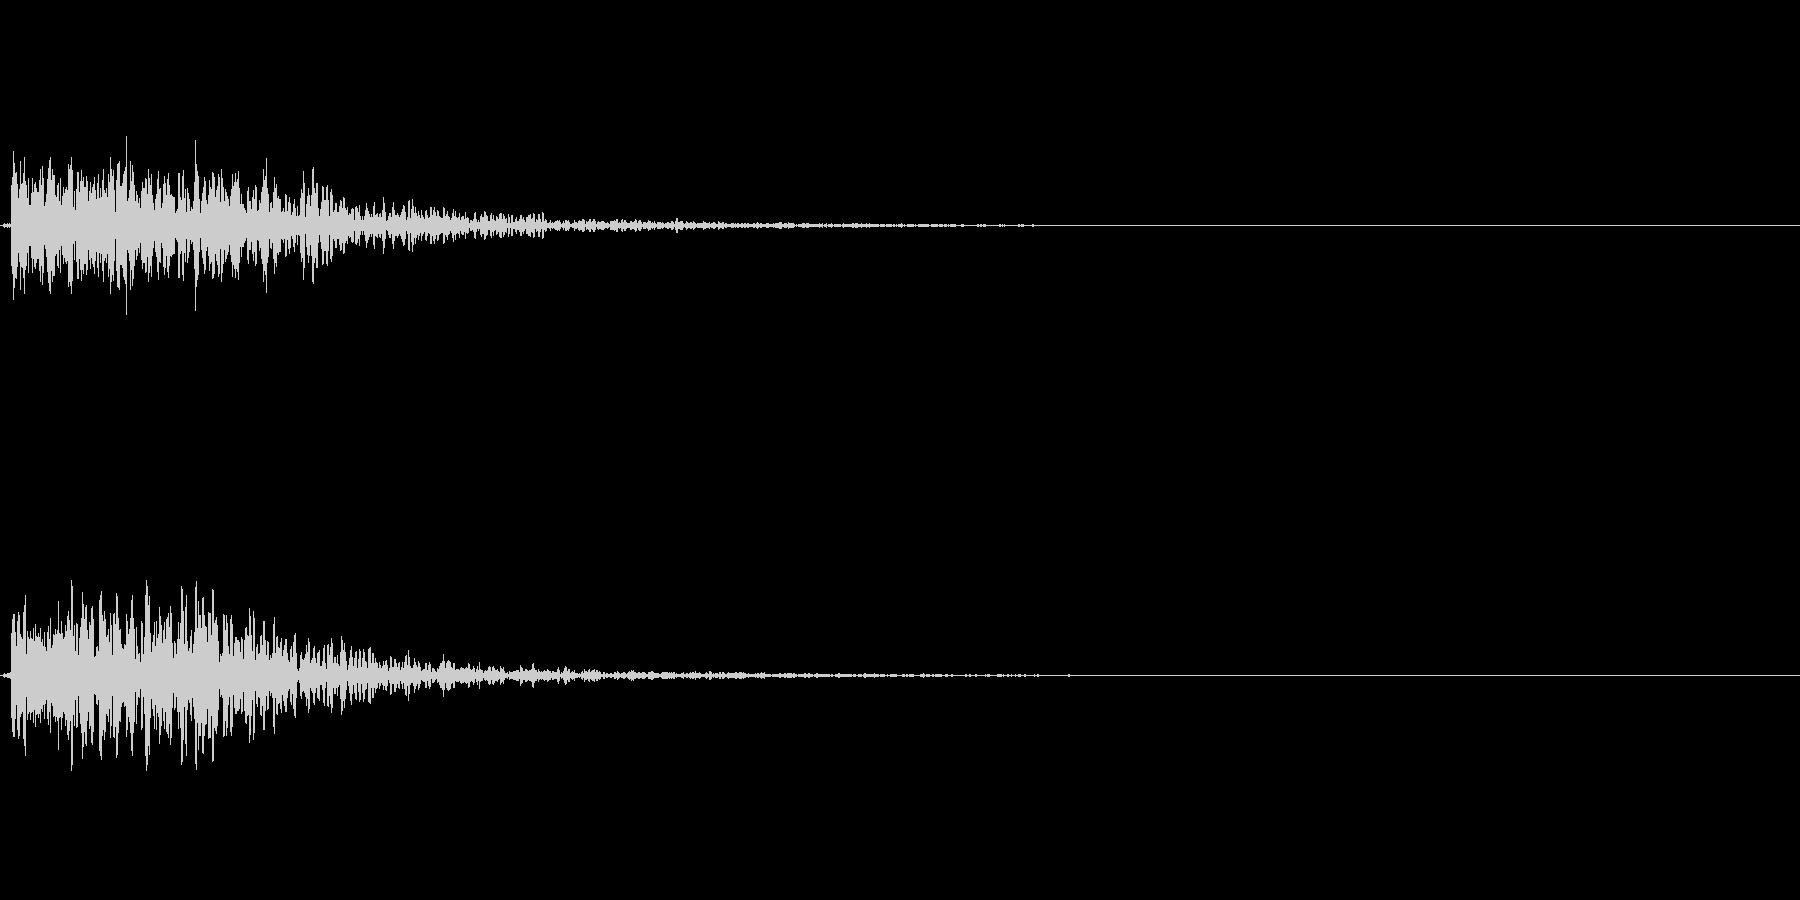 氷魔法音、衝撃音などにの未再生の波形